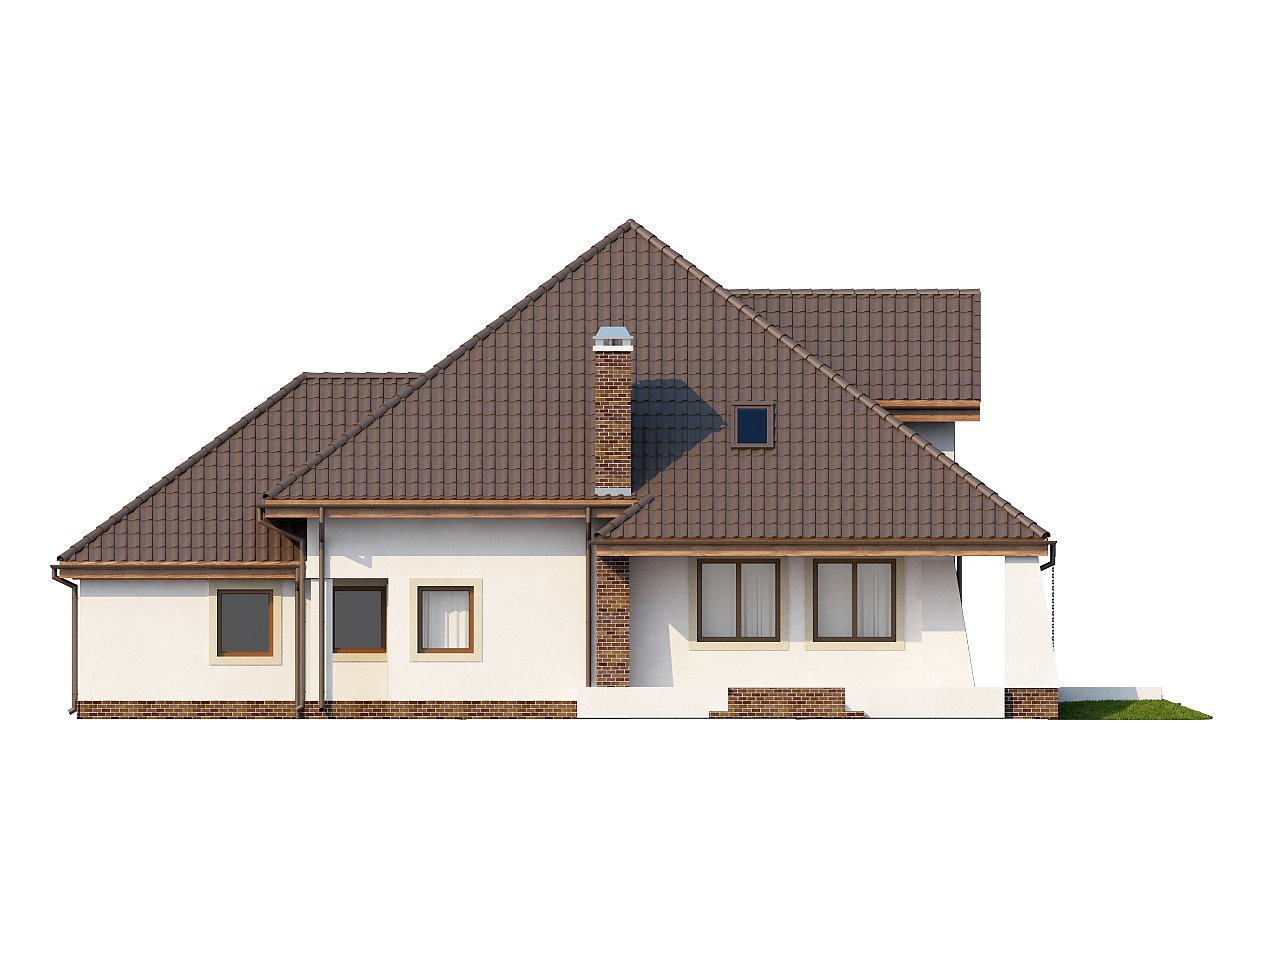 Удобный дом в классическом стиле с красивыми мансардными окнами и балконом. 4